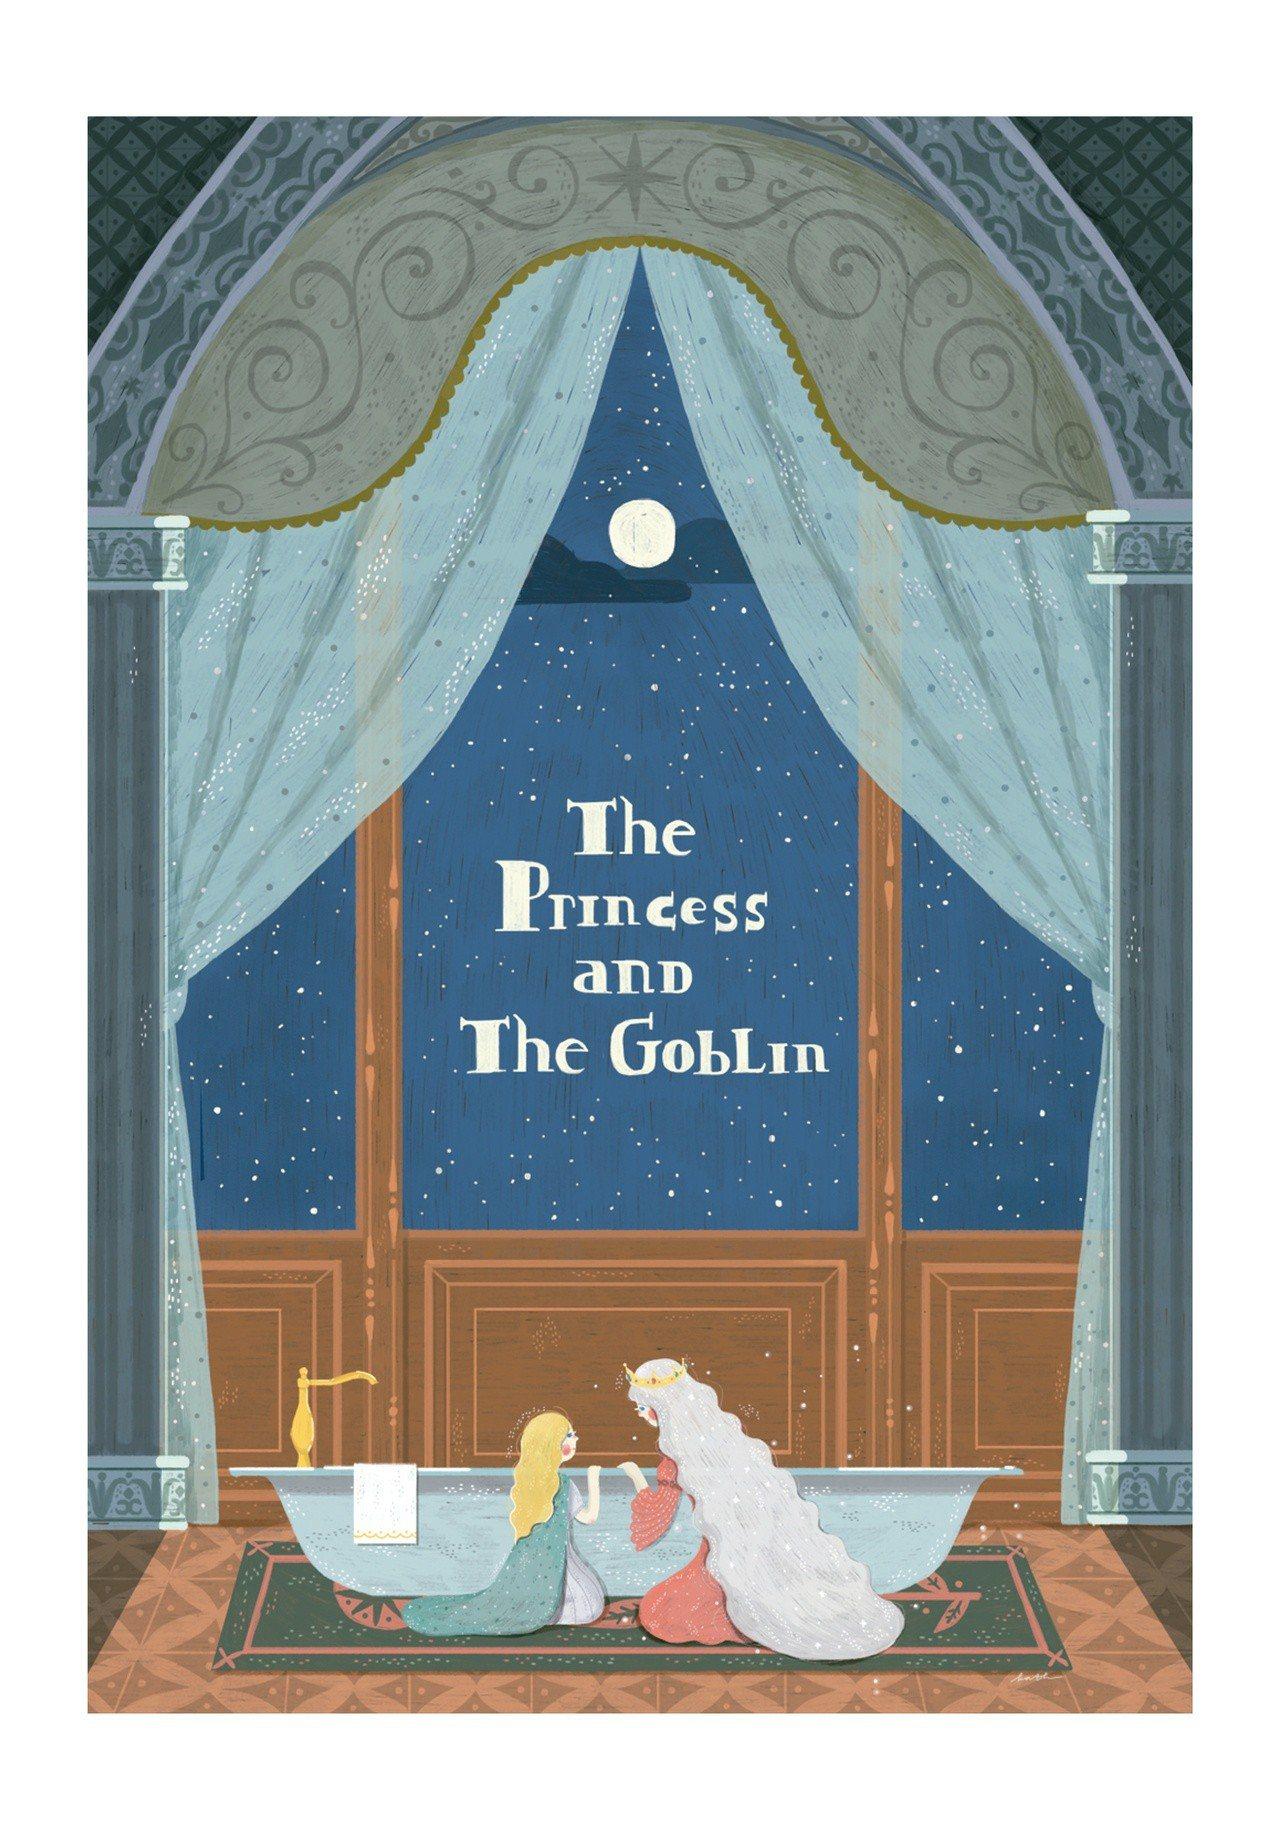 印尼籍設計師 Gin Kathrin Honesta的作品「公主與哥布林The ...